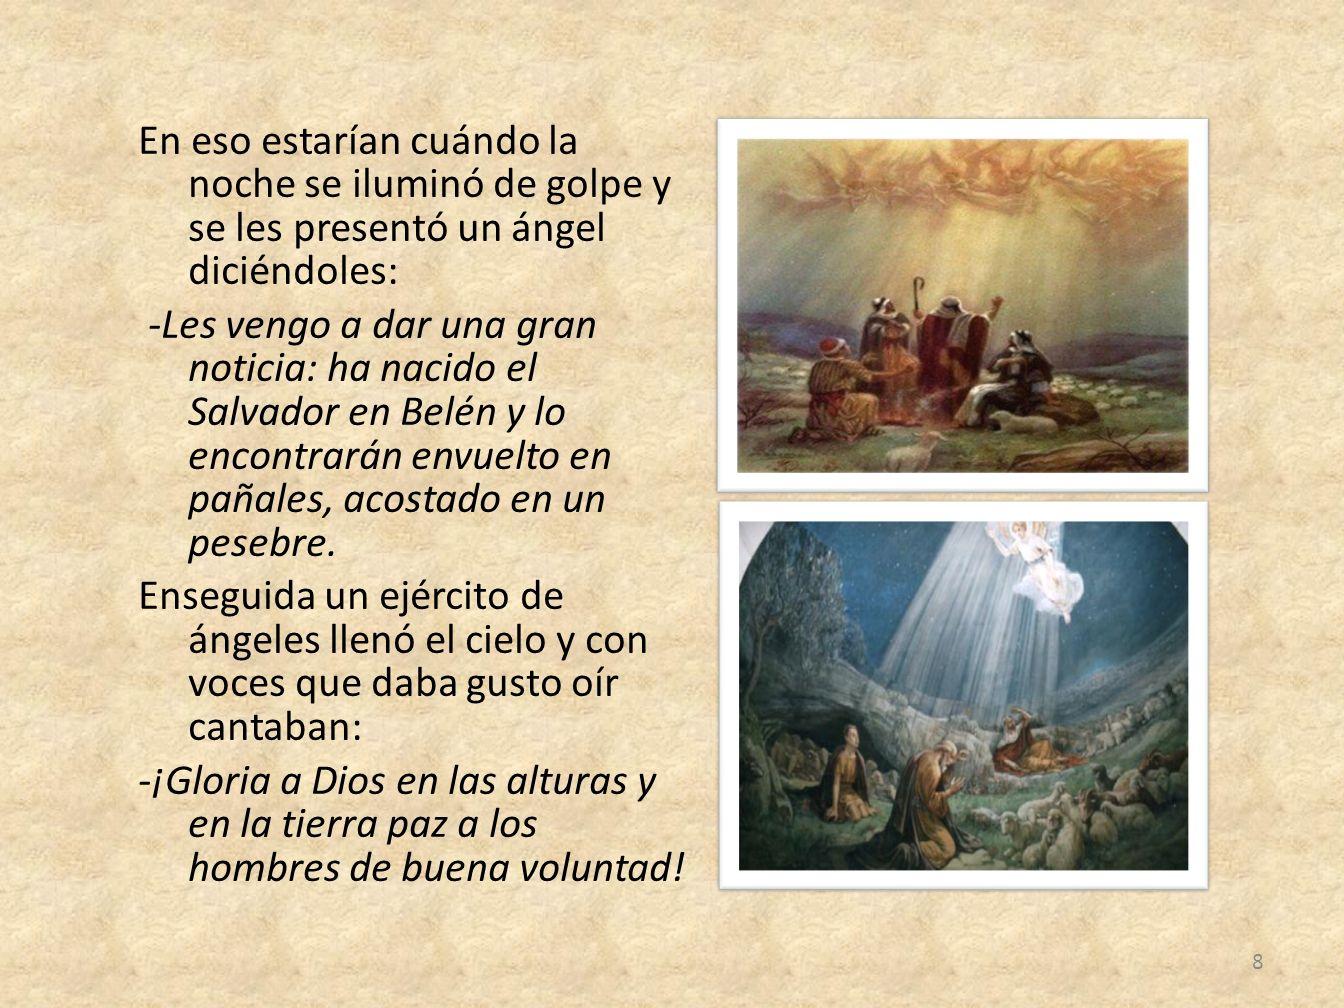 En eso estarían cuándo la noche se iluminó de golpe y se les presentó un ángel diciéndoles: -Les vengo a dar una gran noticia: ha nacido el Salvador e